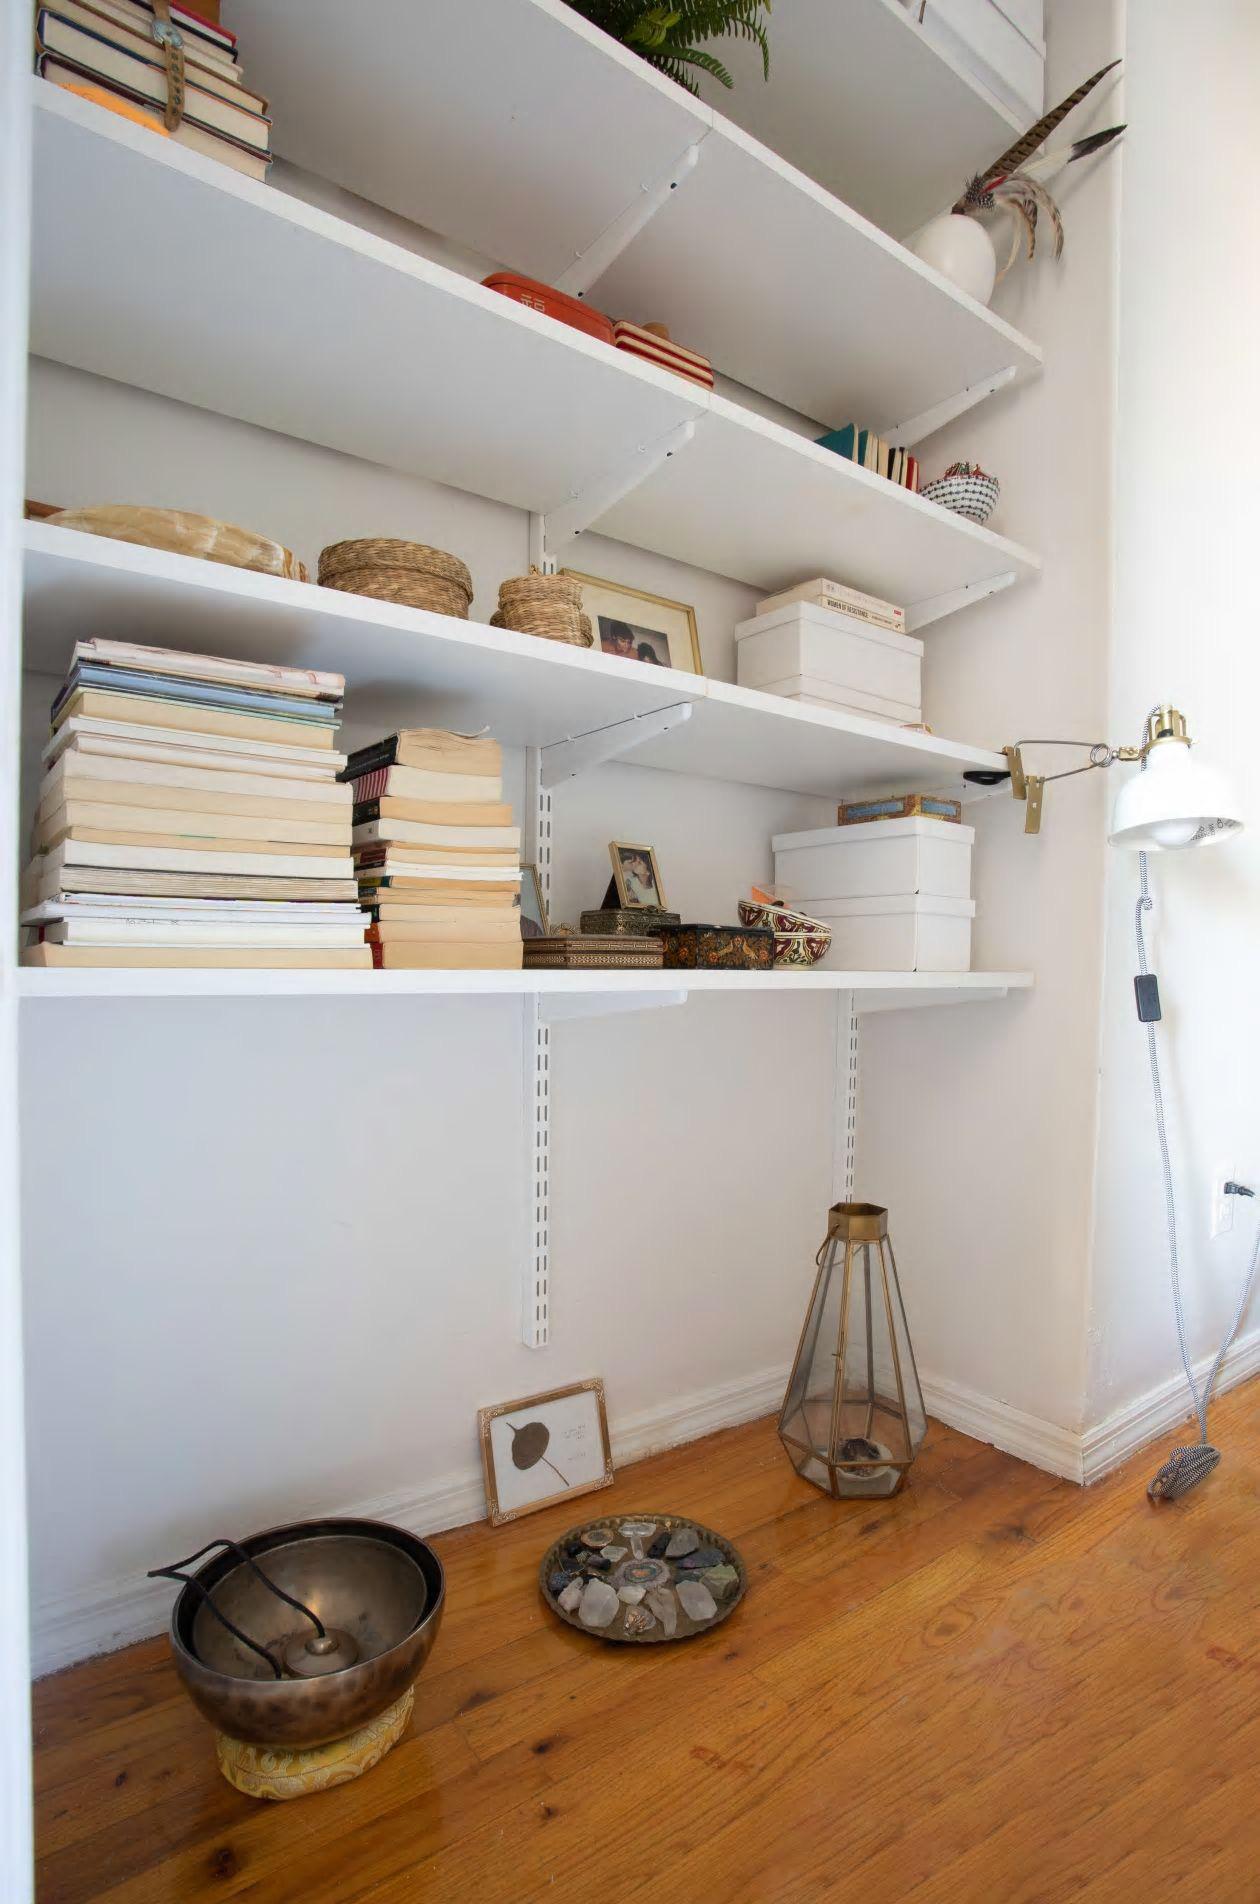 Căn hộ nhỏ 37m² sử dụng những màu sắc đáng kinh ngạc trong trang trí nội thất - Ảnh 8